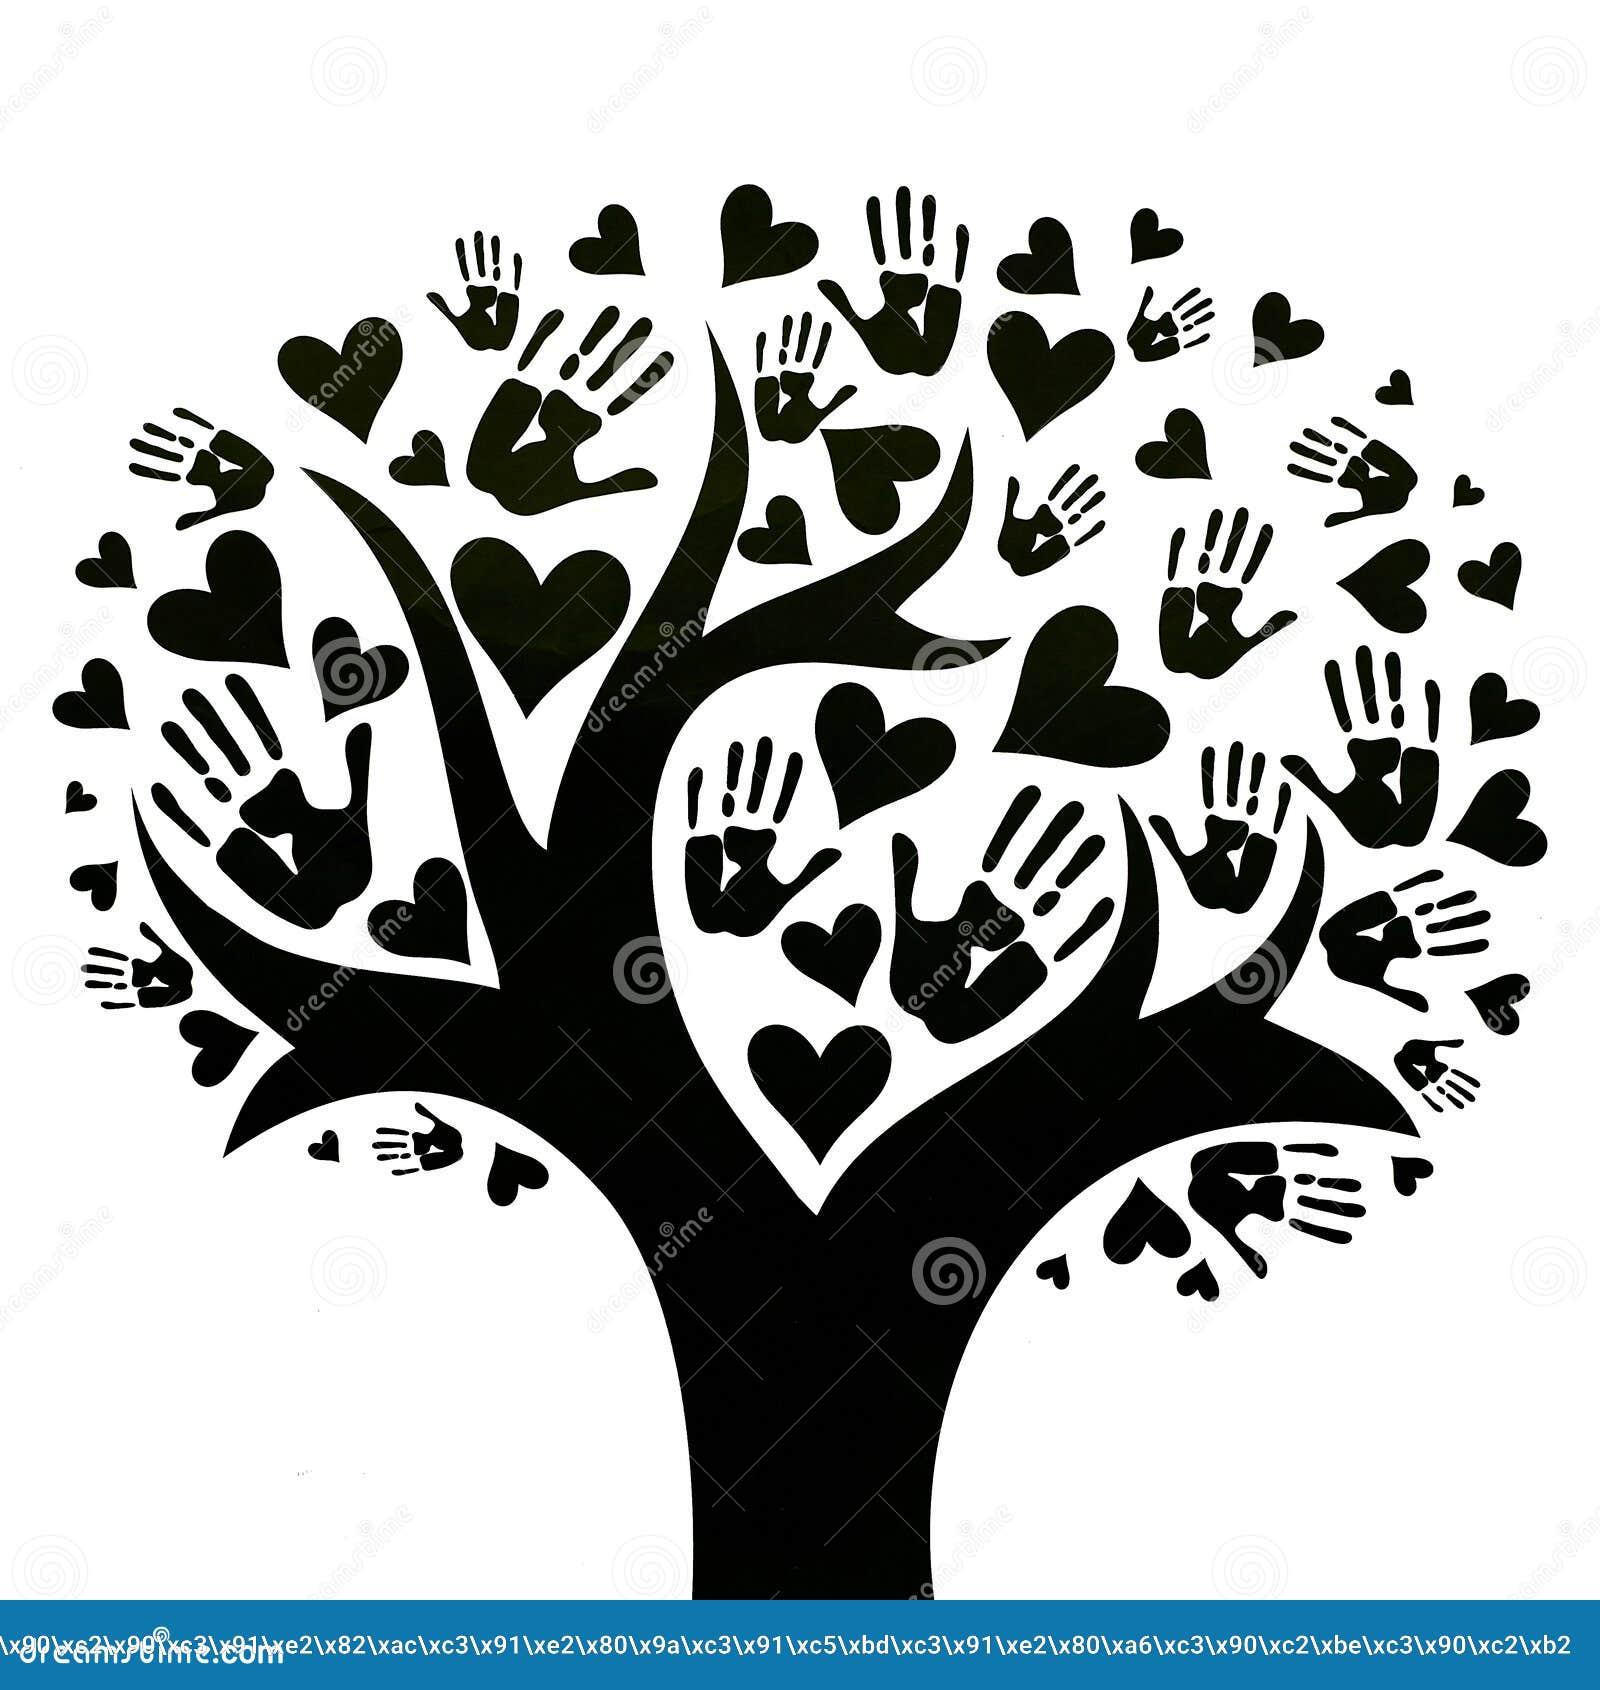 El Concepto De Paz De Unidad De Amistad Y De Amor Stock De Ilustracion Ilustracion De Amor Concepto 142090493